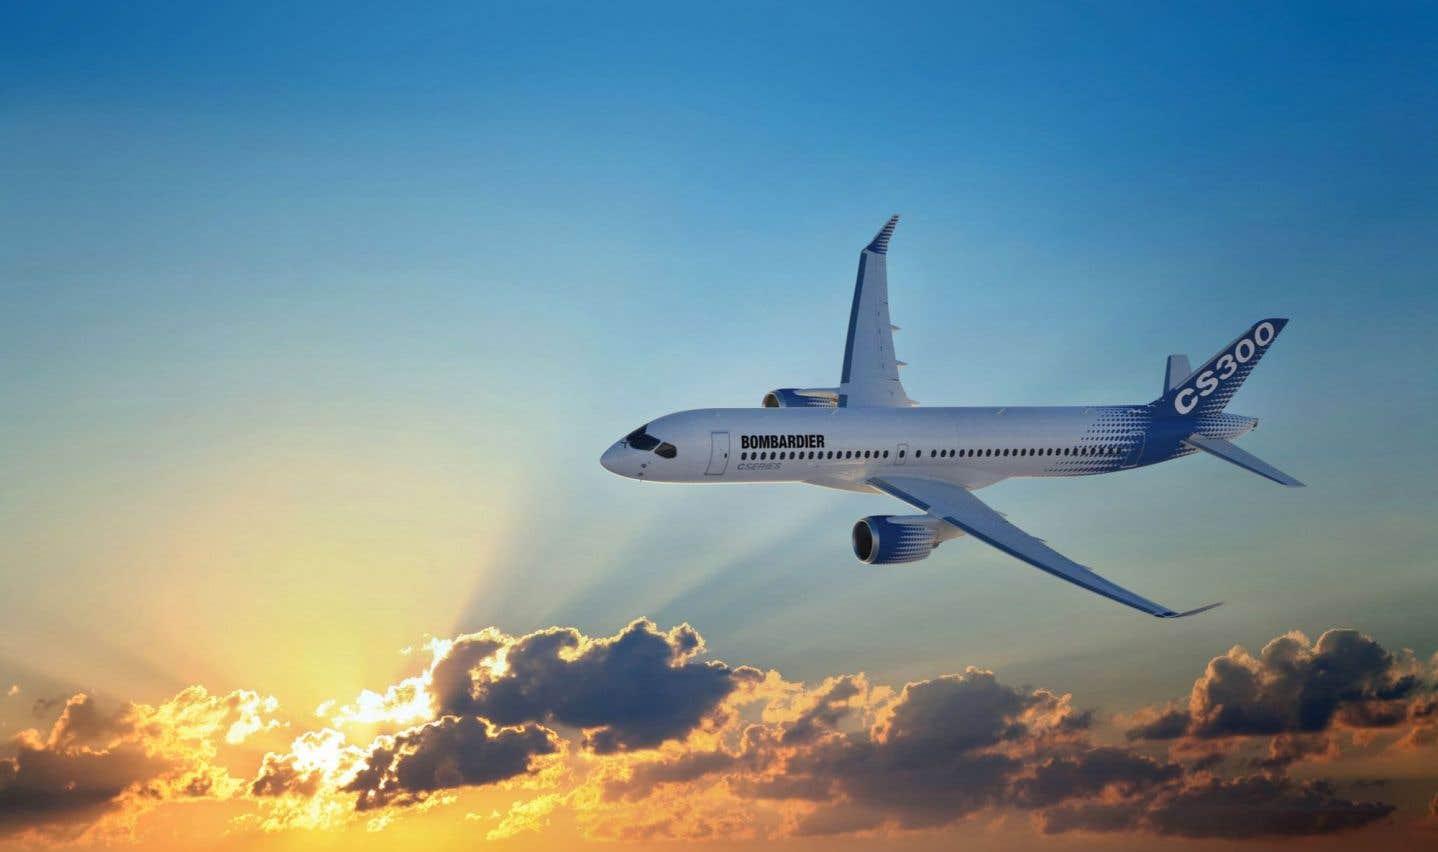 L'industrie aérienne compte actuellement pour environ 2% des émissions mondiales de gaz à effet de serre (GES).